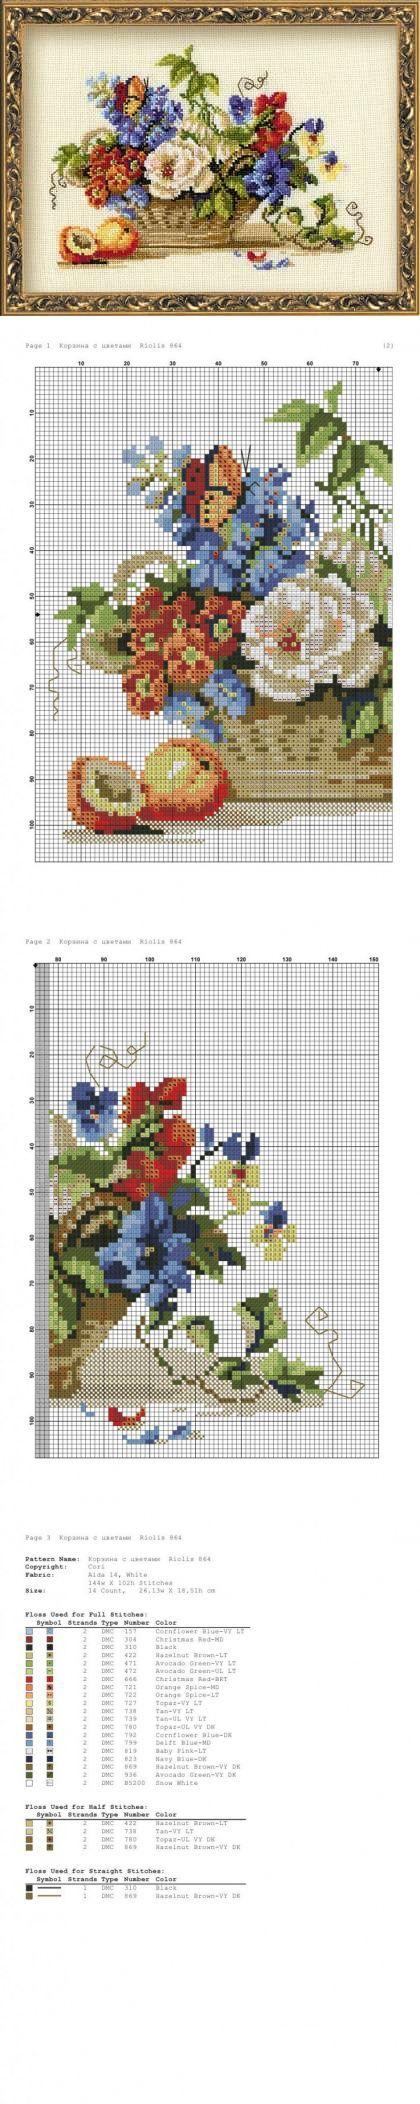 Букет цветов в корзине вышивка. Букет цветов в корзине. вышивка крестом | Лаборатория домашнего хозяйства